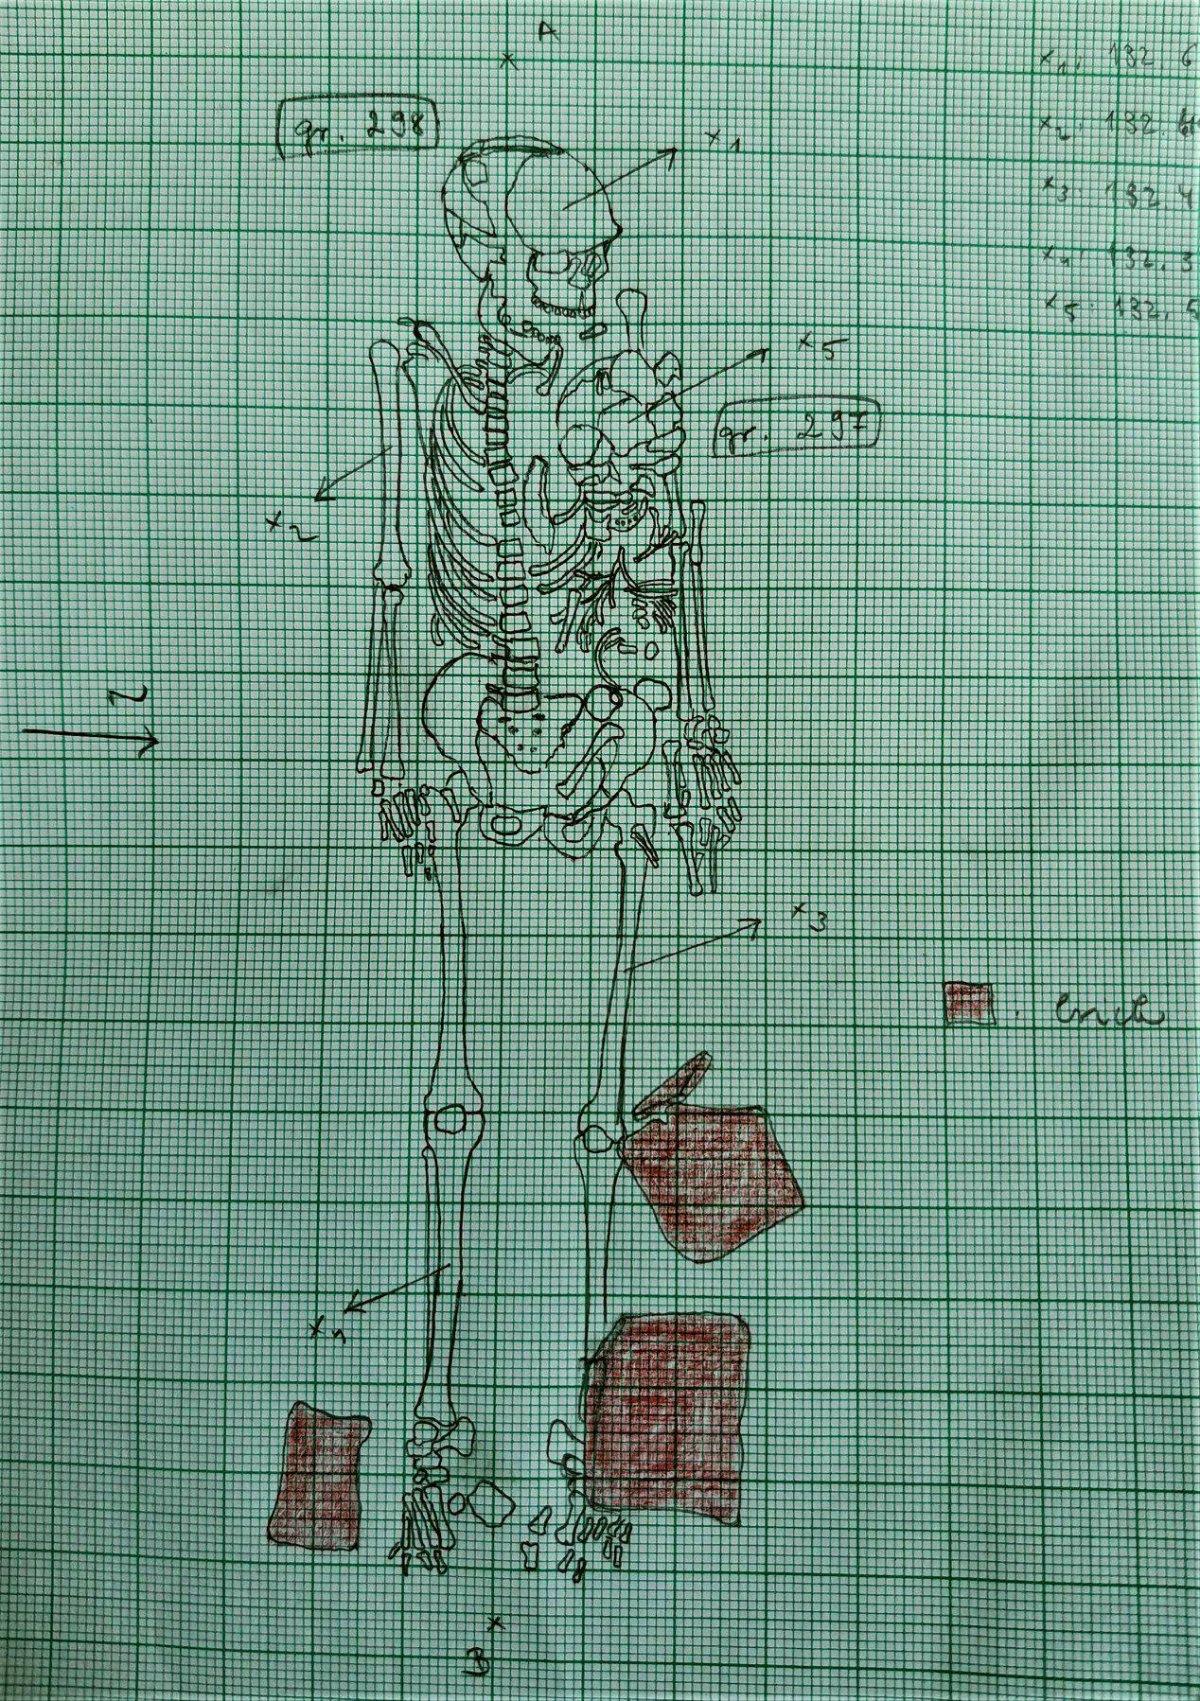 Egy sírról készült értelmező rajz •  Fotó: Az egresi ásatási projekt fotóarchívuma